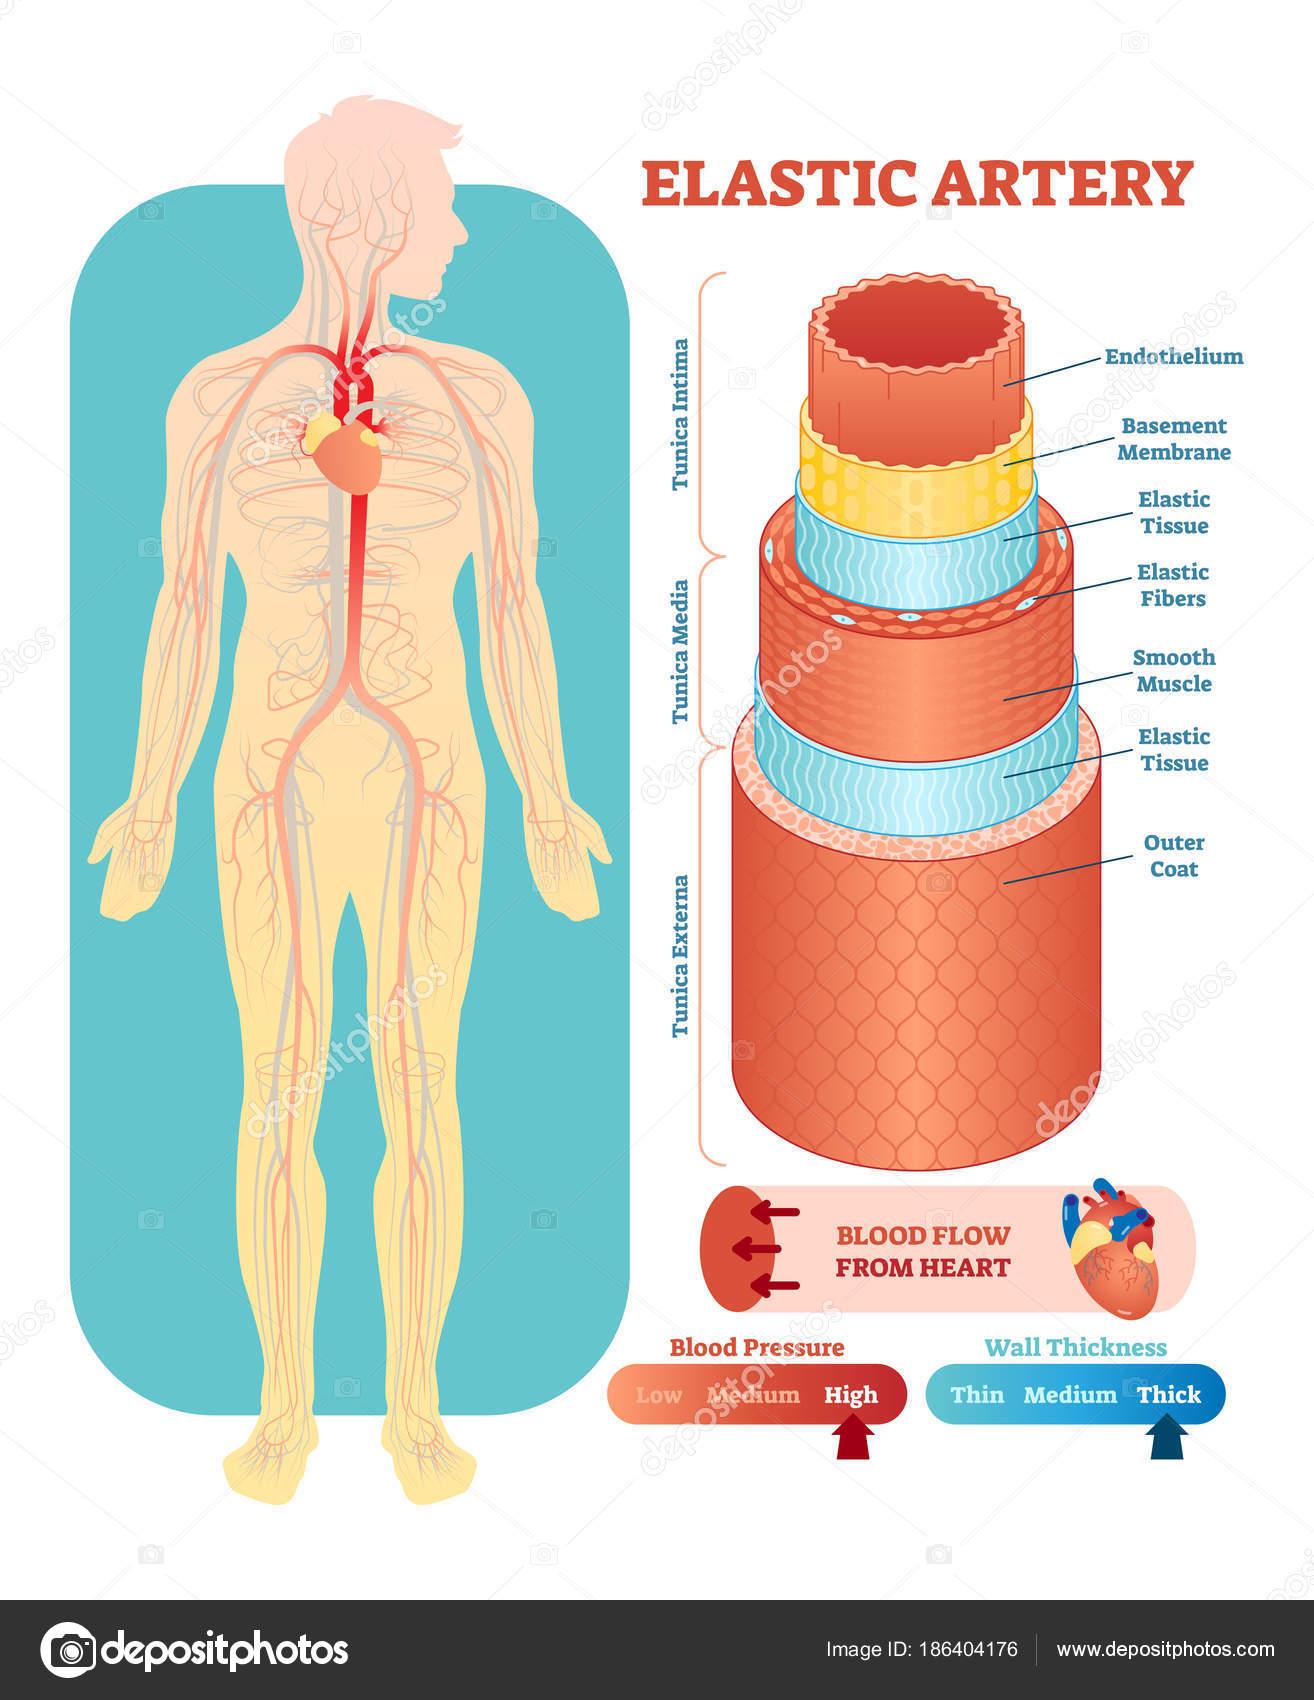 Querschnitt durch elastische Arterie anatomische Vektor-Illustration ...